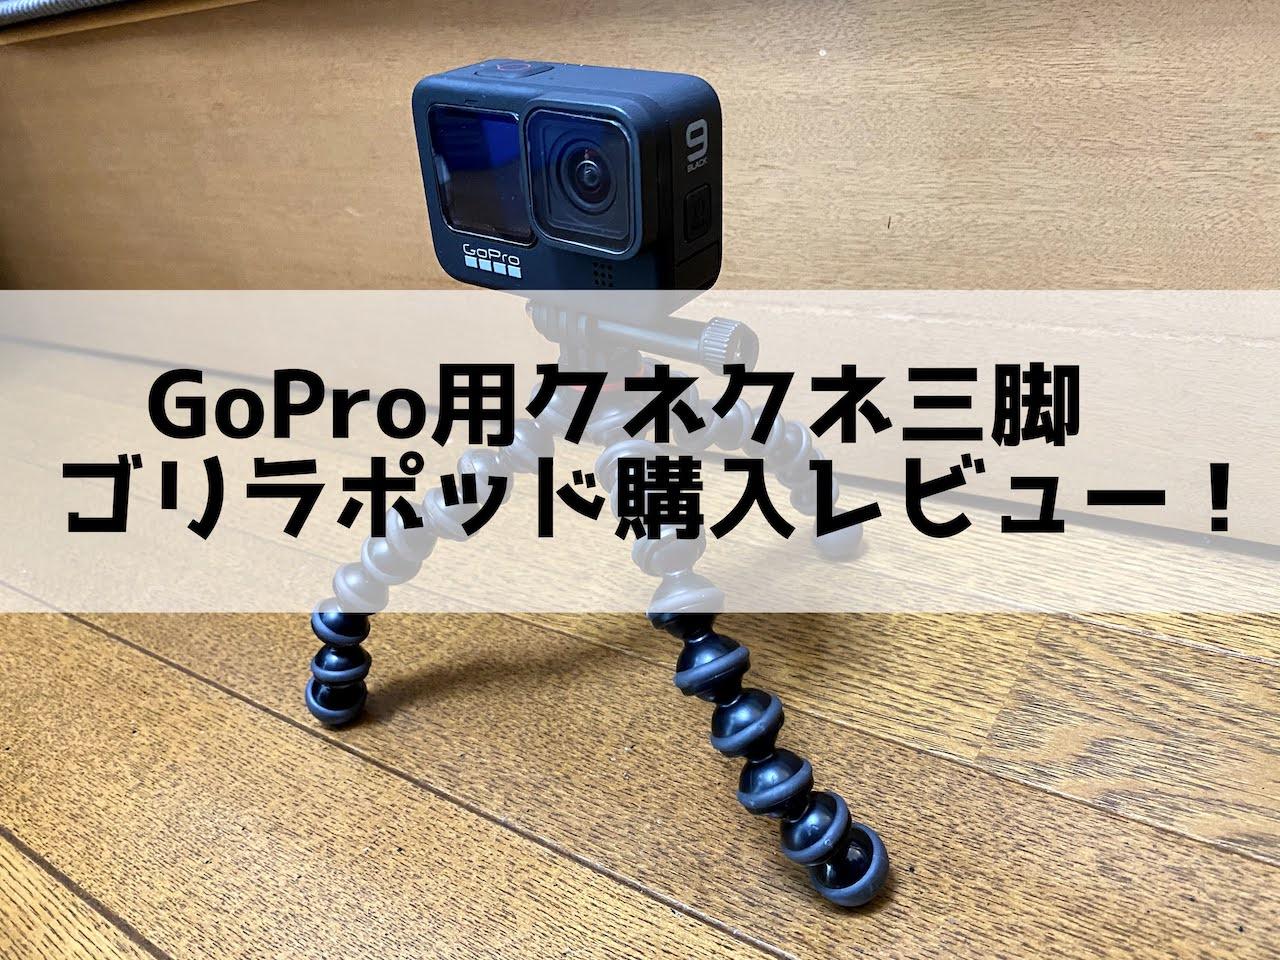 GoPro用 ゴリラポッド購入レビュー!